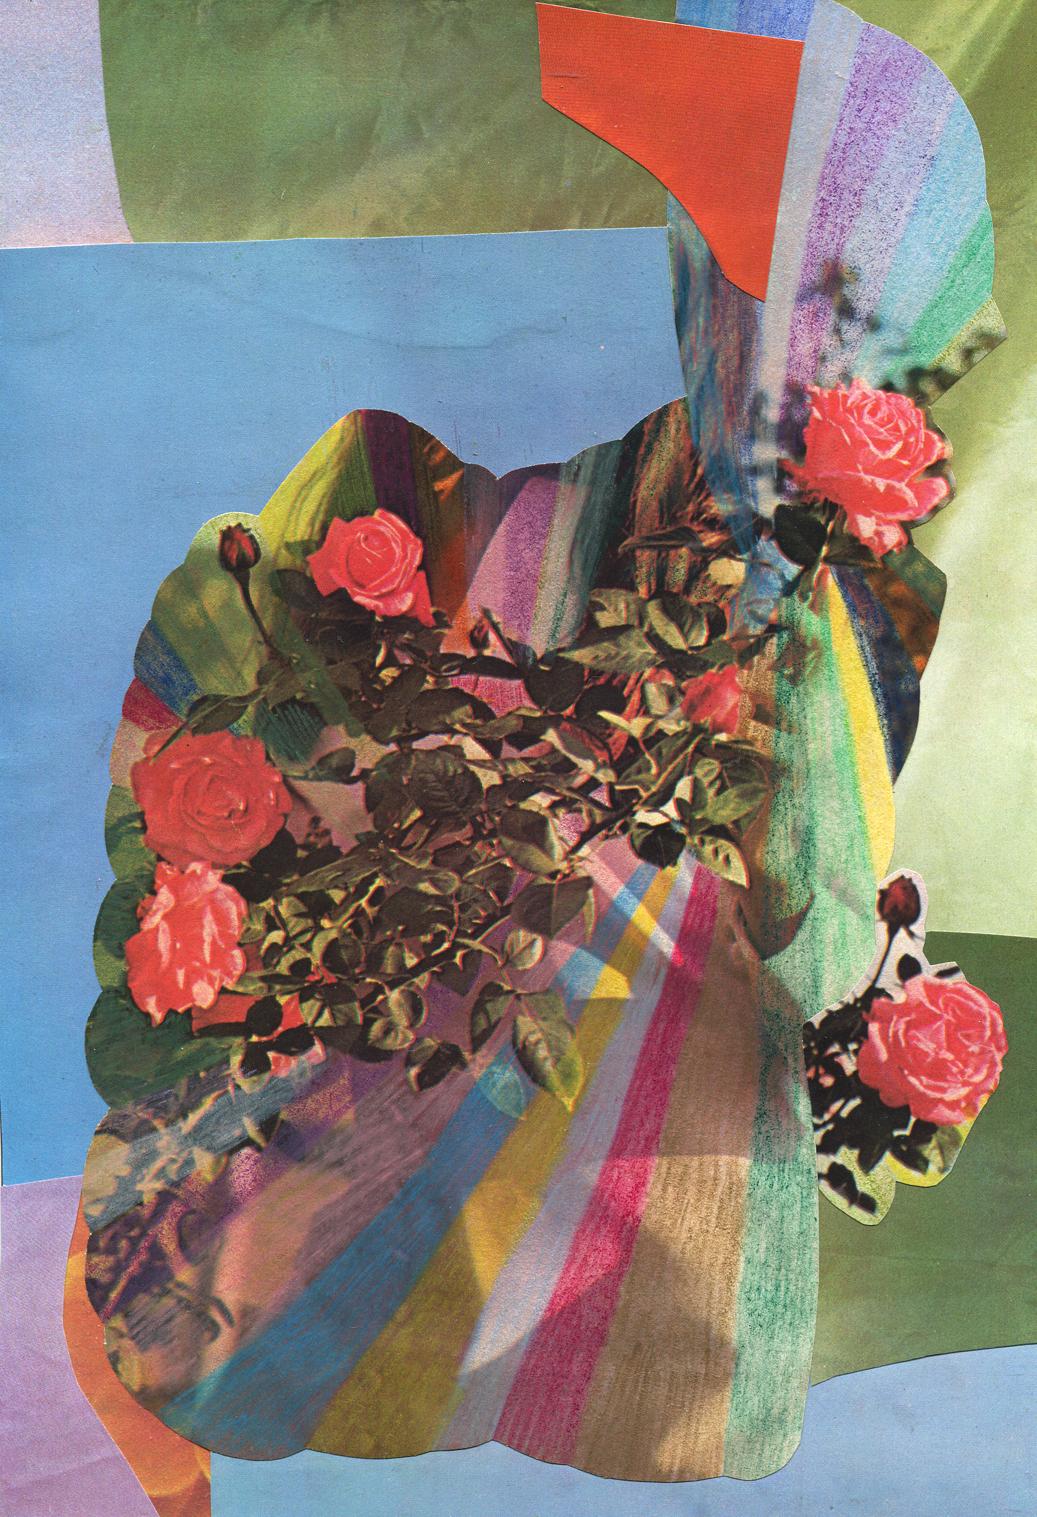 Rainbow Rose Garden #2, collage, found paper, pencil